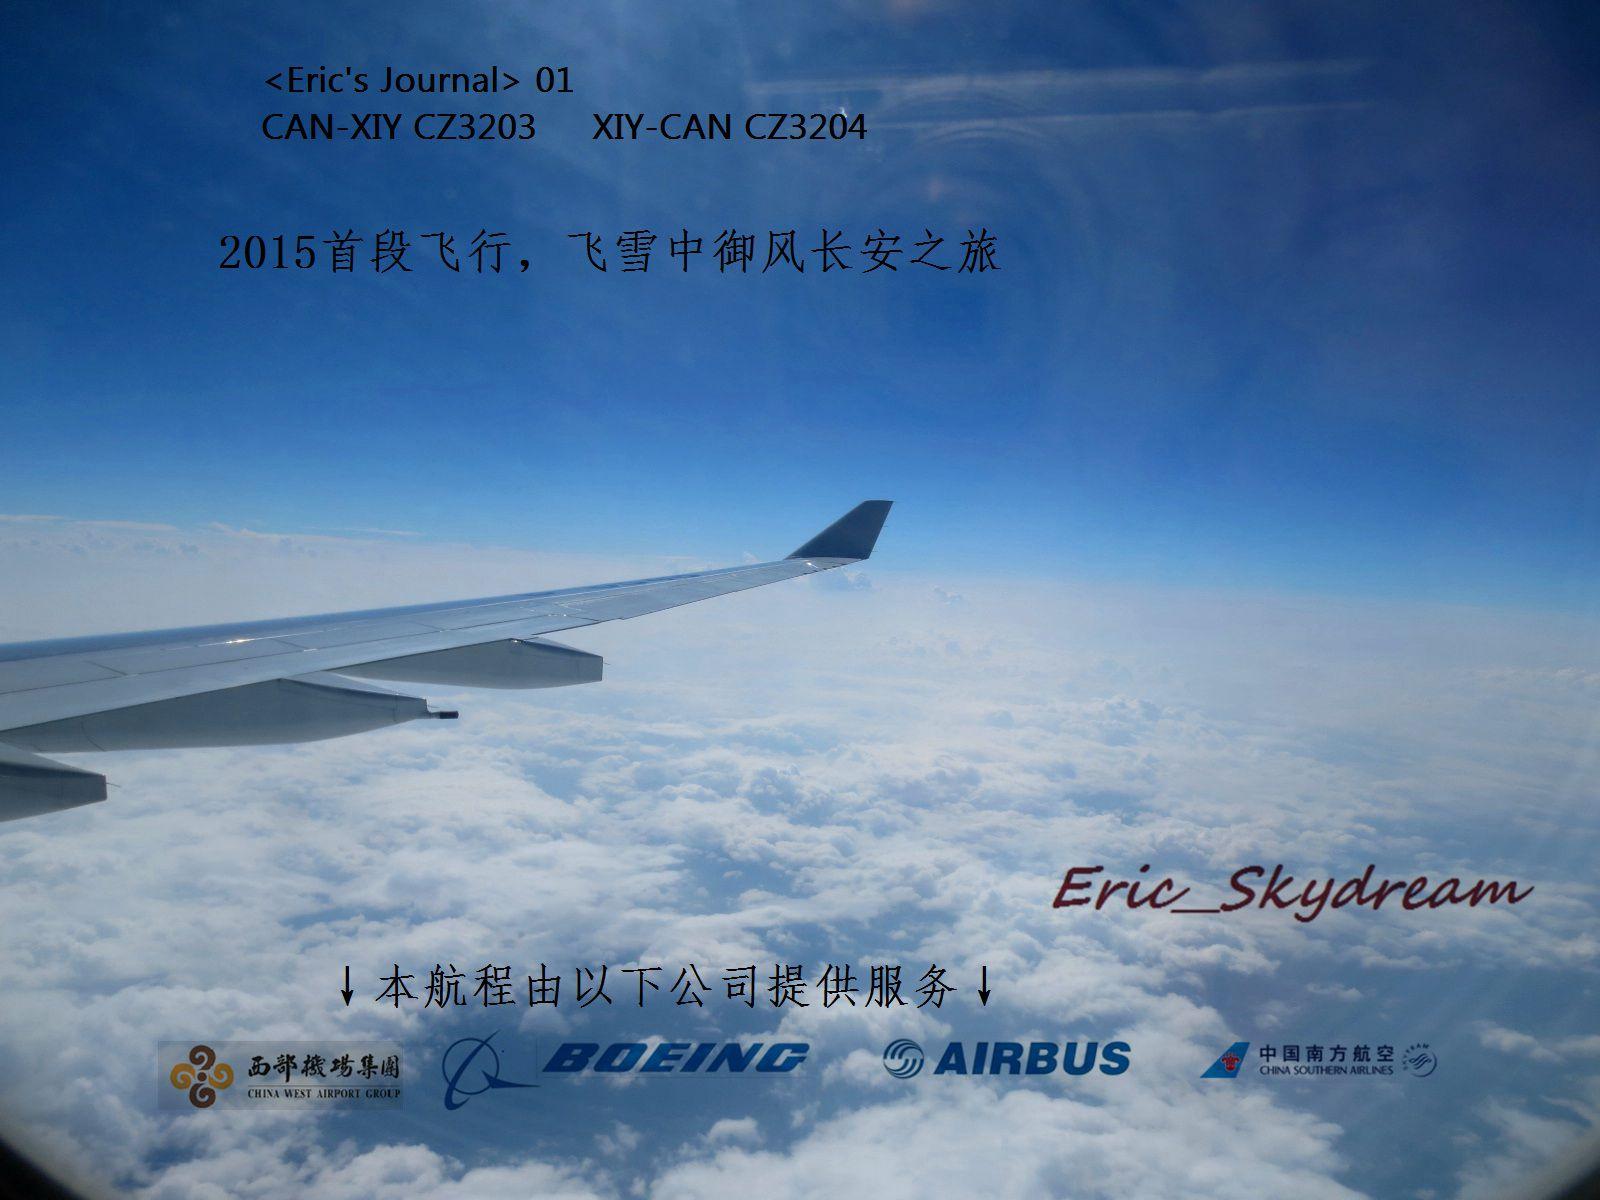 [原创]<Eric's Journal> 01 飞雪 伙伴 御风长安之旅 新人首篇游记(更新已完毕)